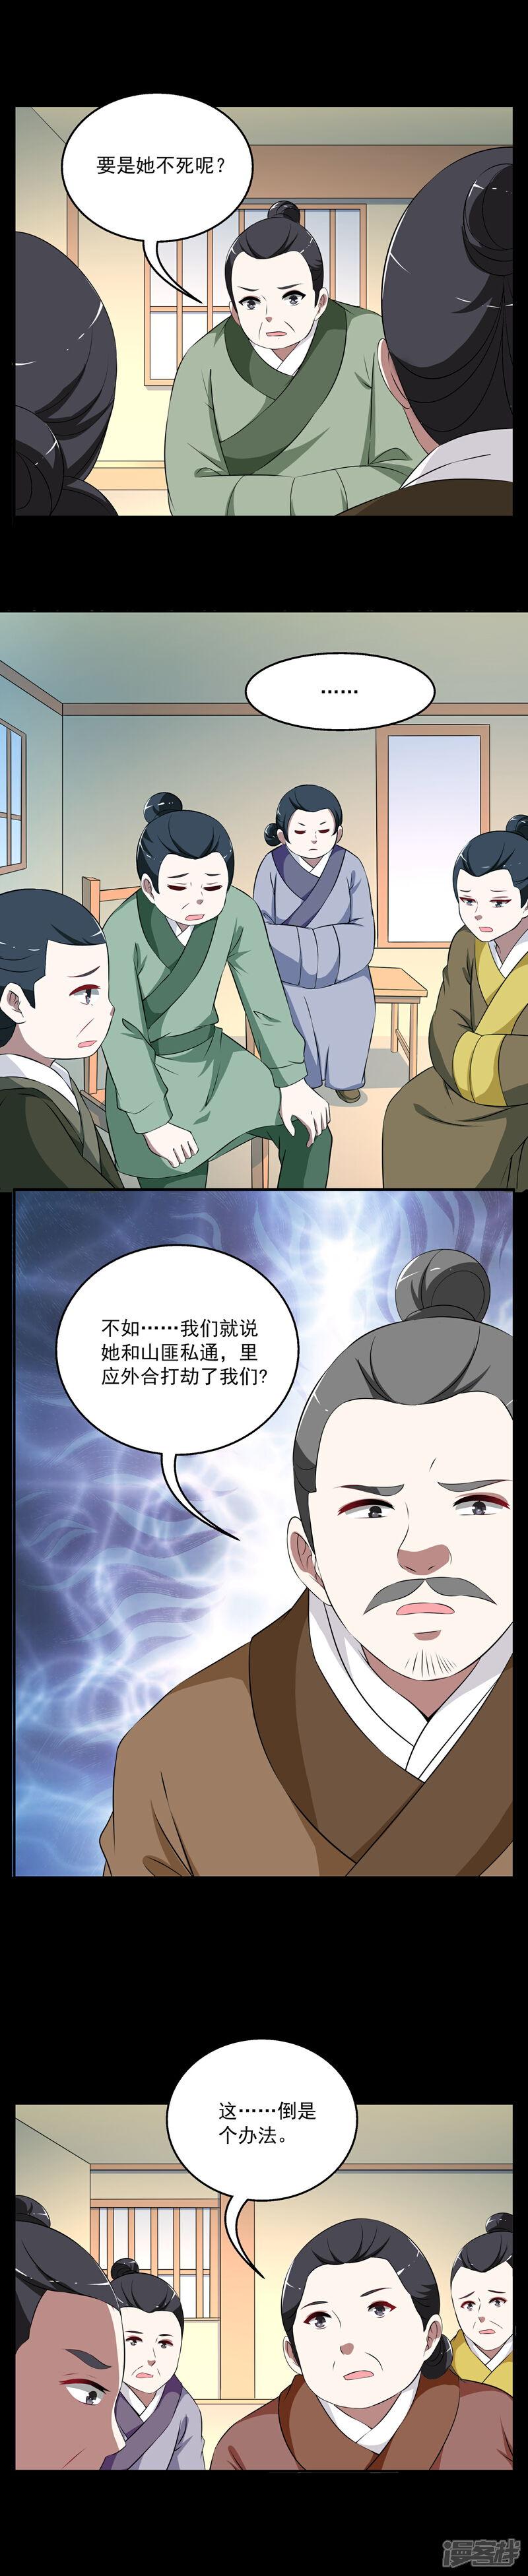 洛小妖192 (8).JPG